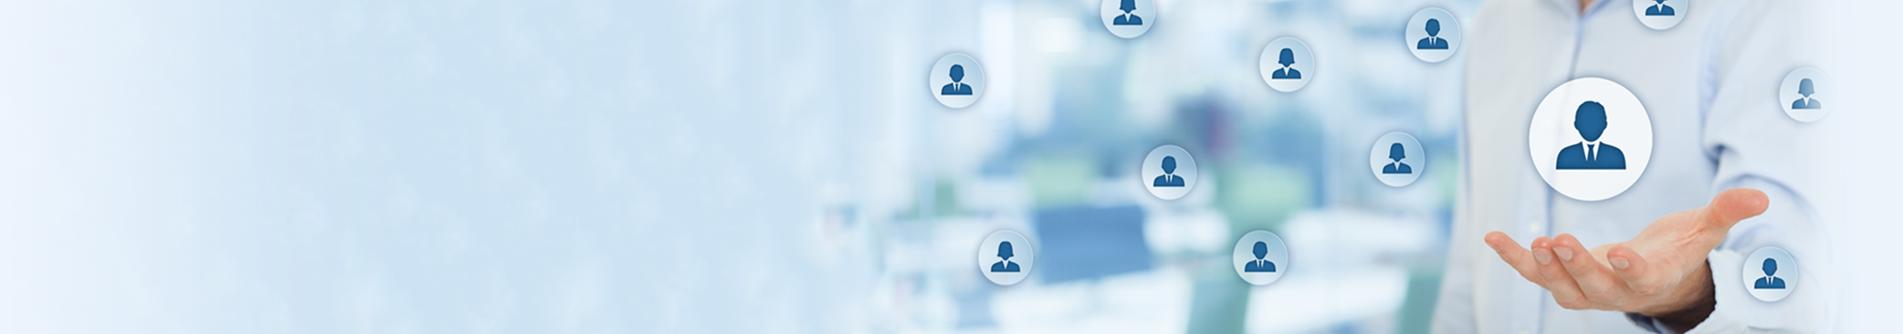 Microsoft Dynamics CRM CRM Online Client Management